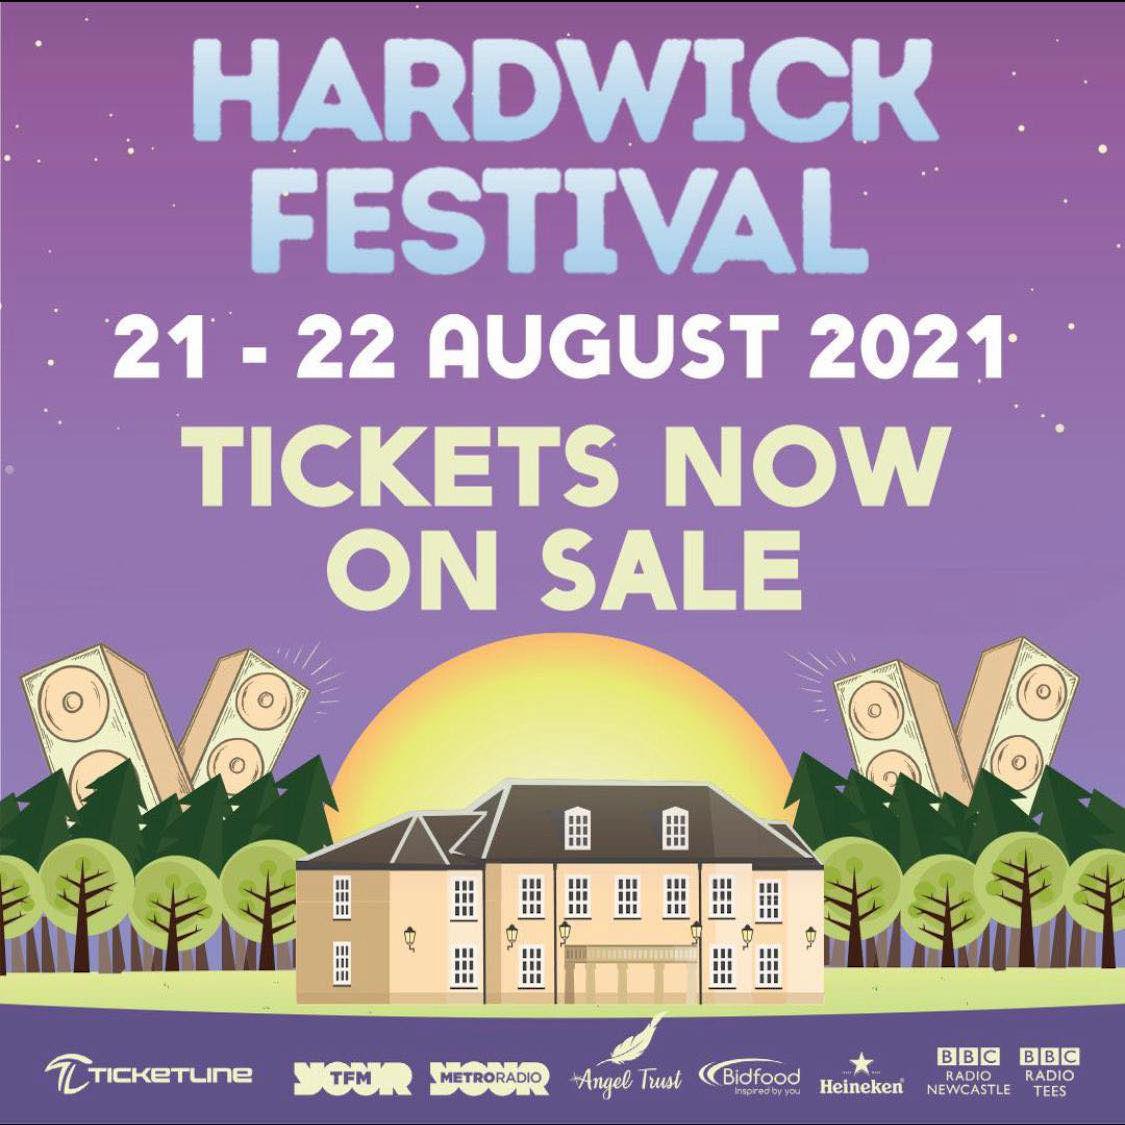 Hardwick Festival 2021 - Weekend